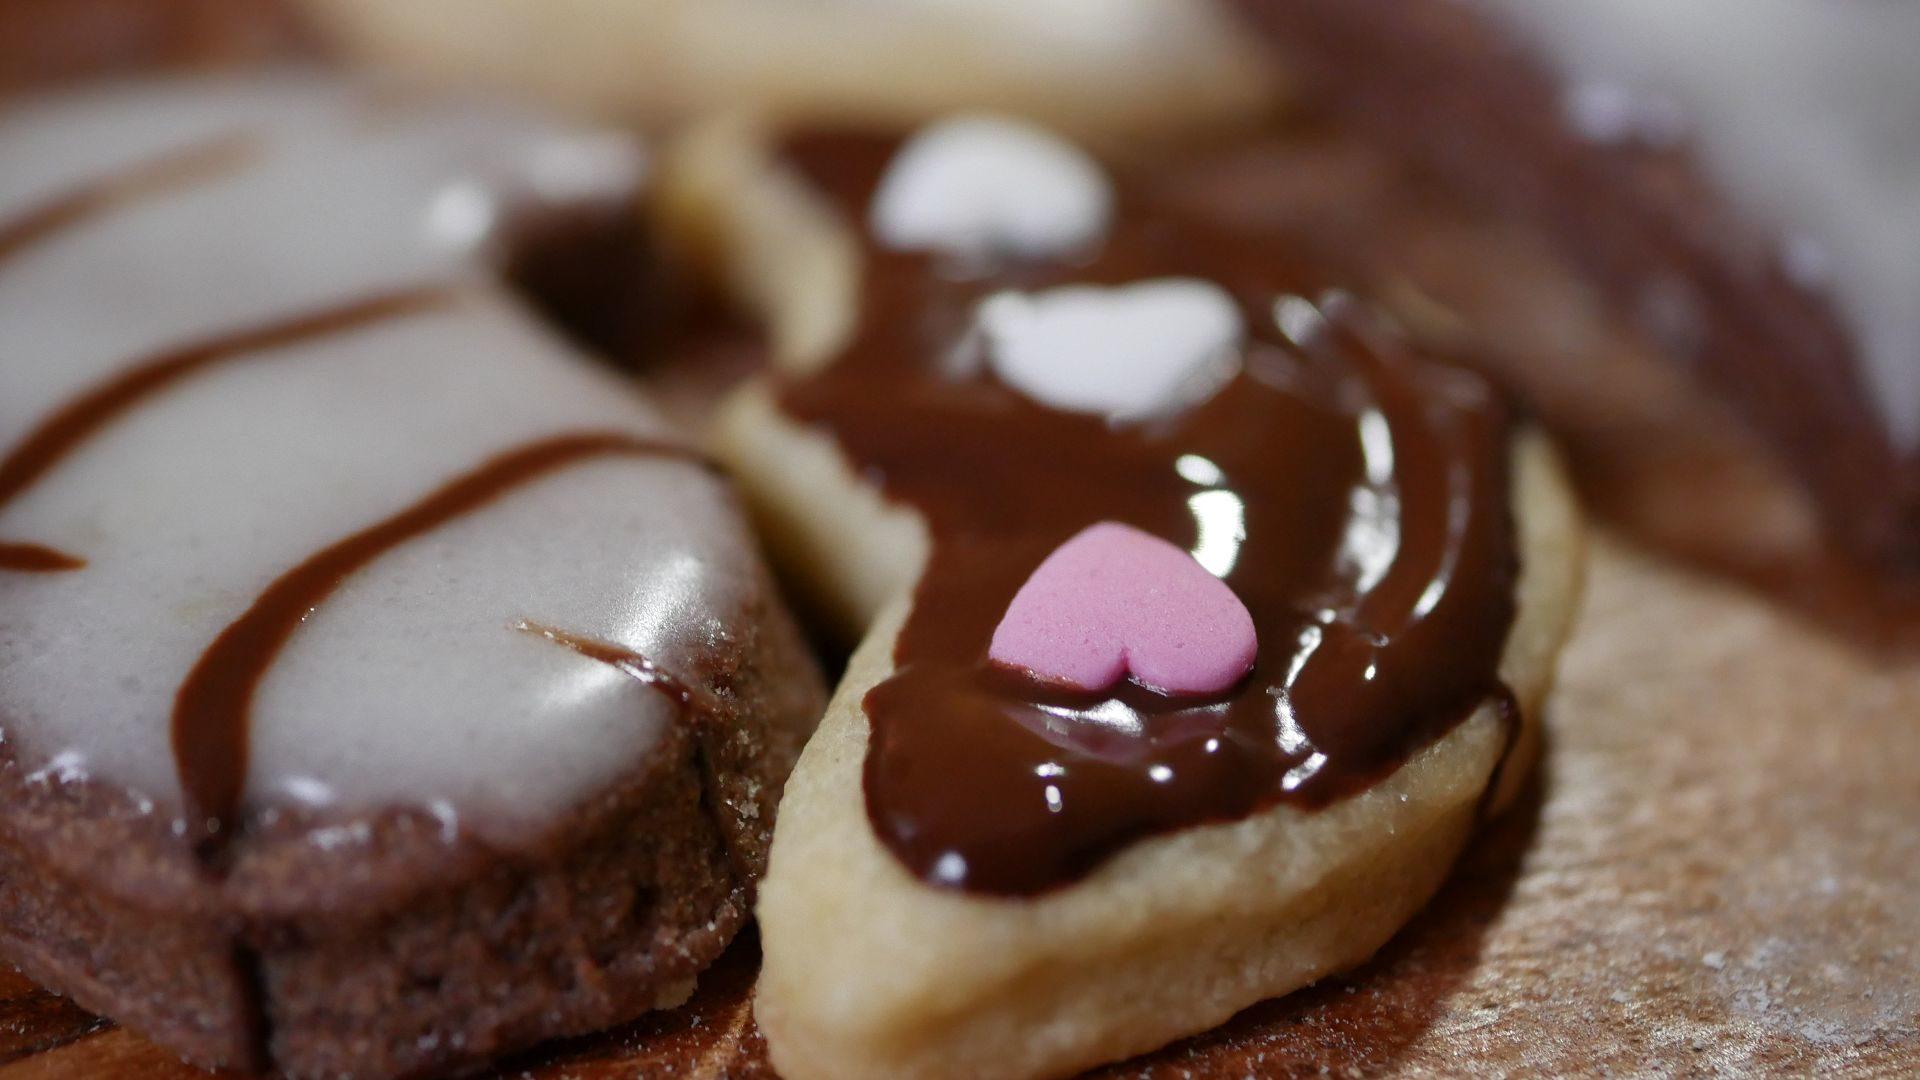 vegane Plätzchen aus Mürbeteig ohne Ei mit Zuckerguss und Schokolade